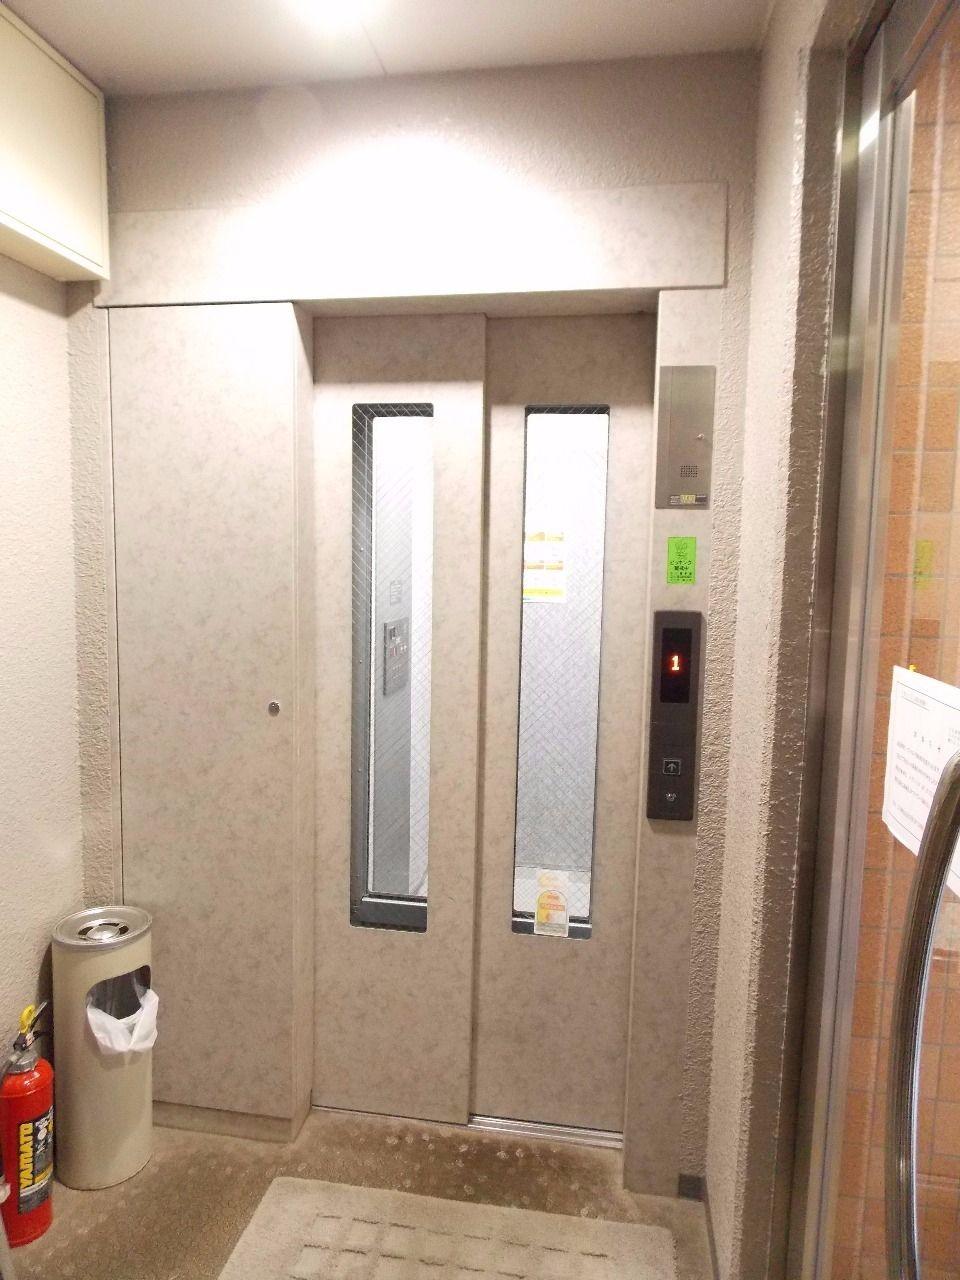 荷物があっても安心なエレベーターあり